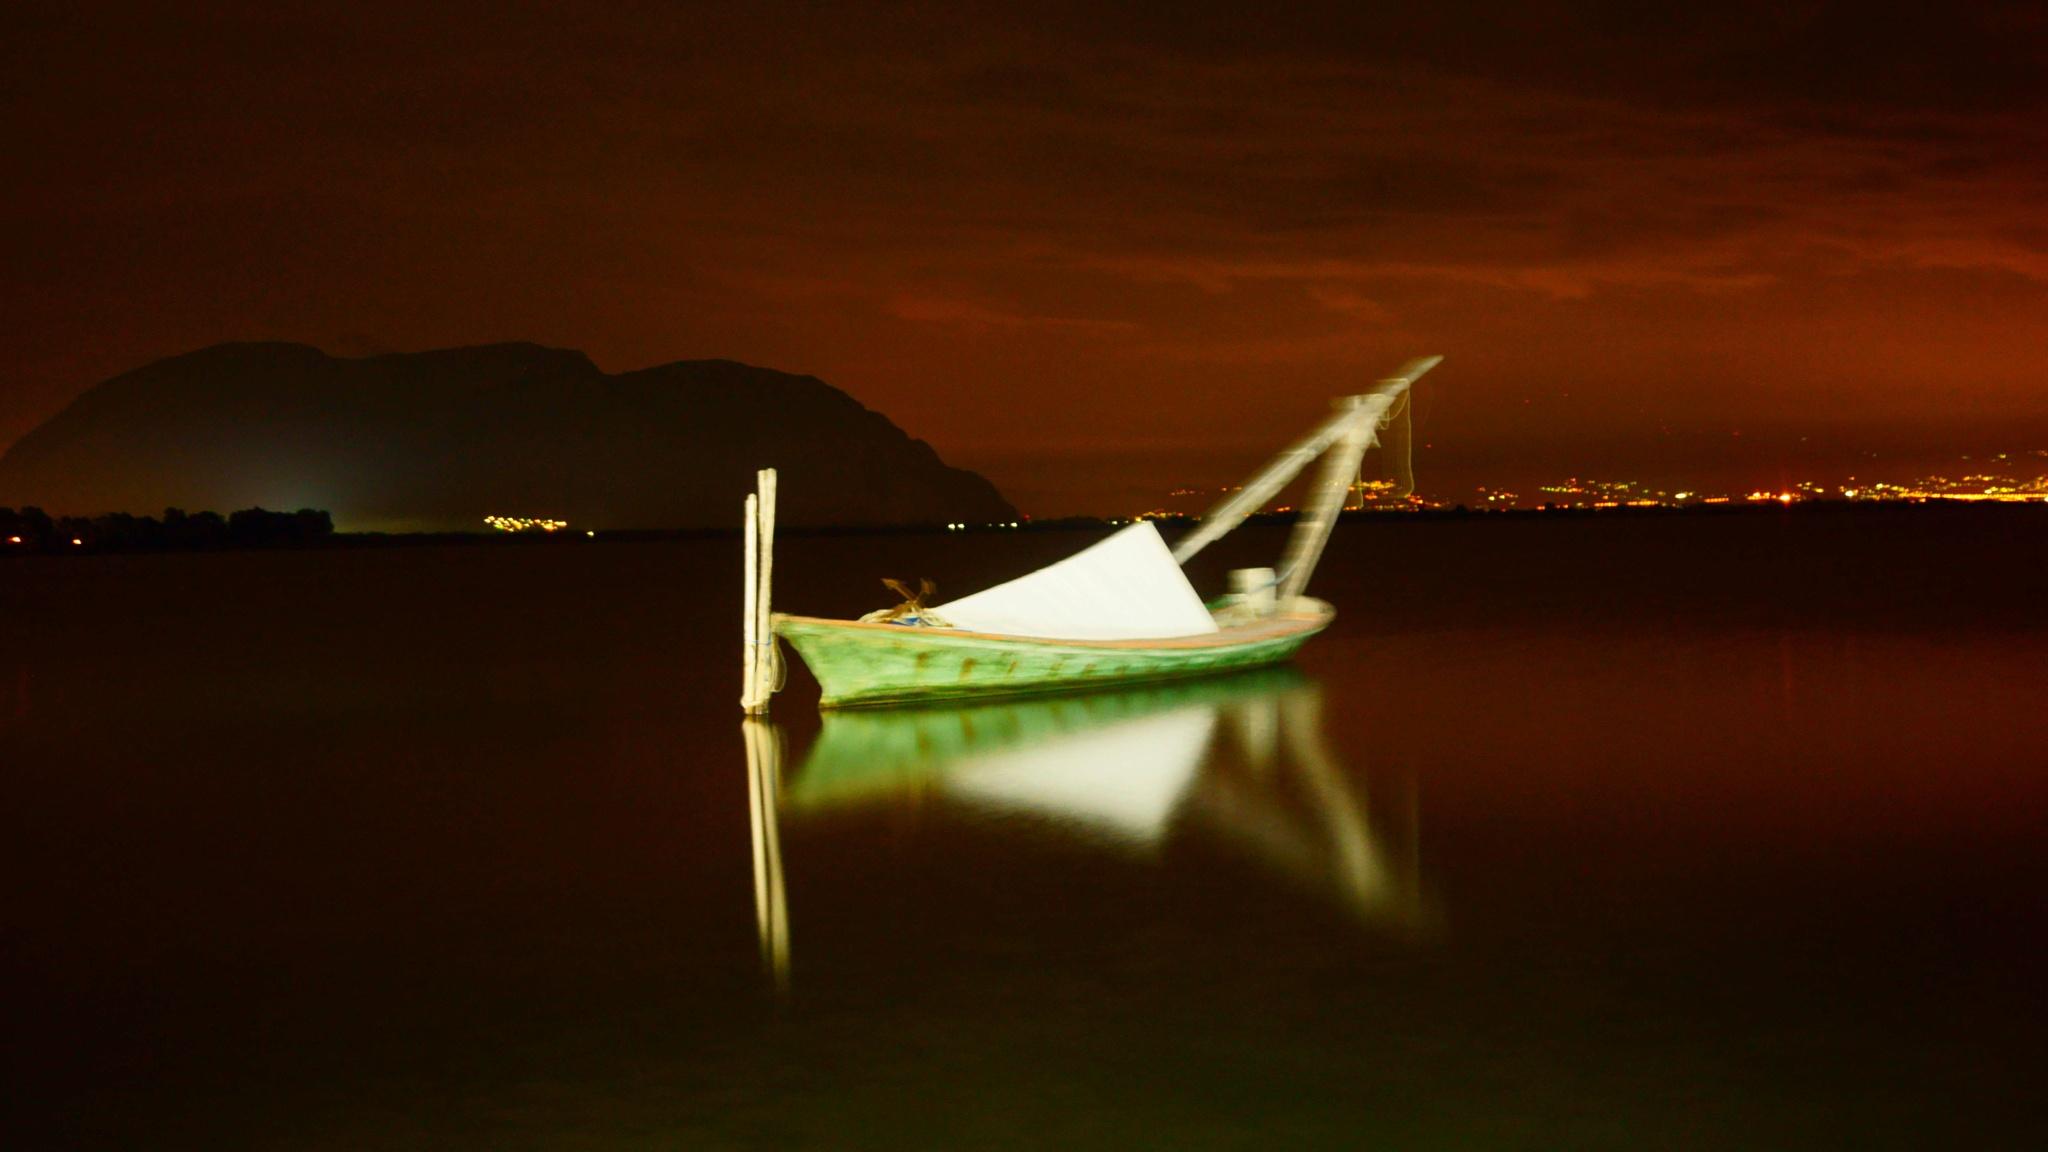 PIECE NIGHT by panagiotiskotsarinis